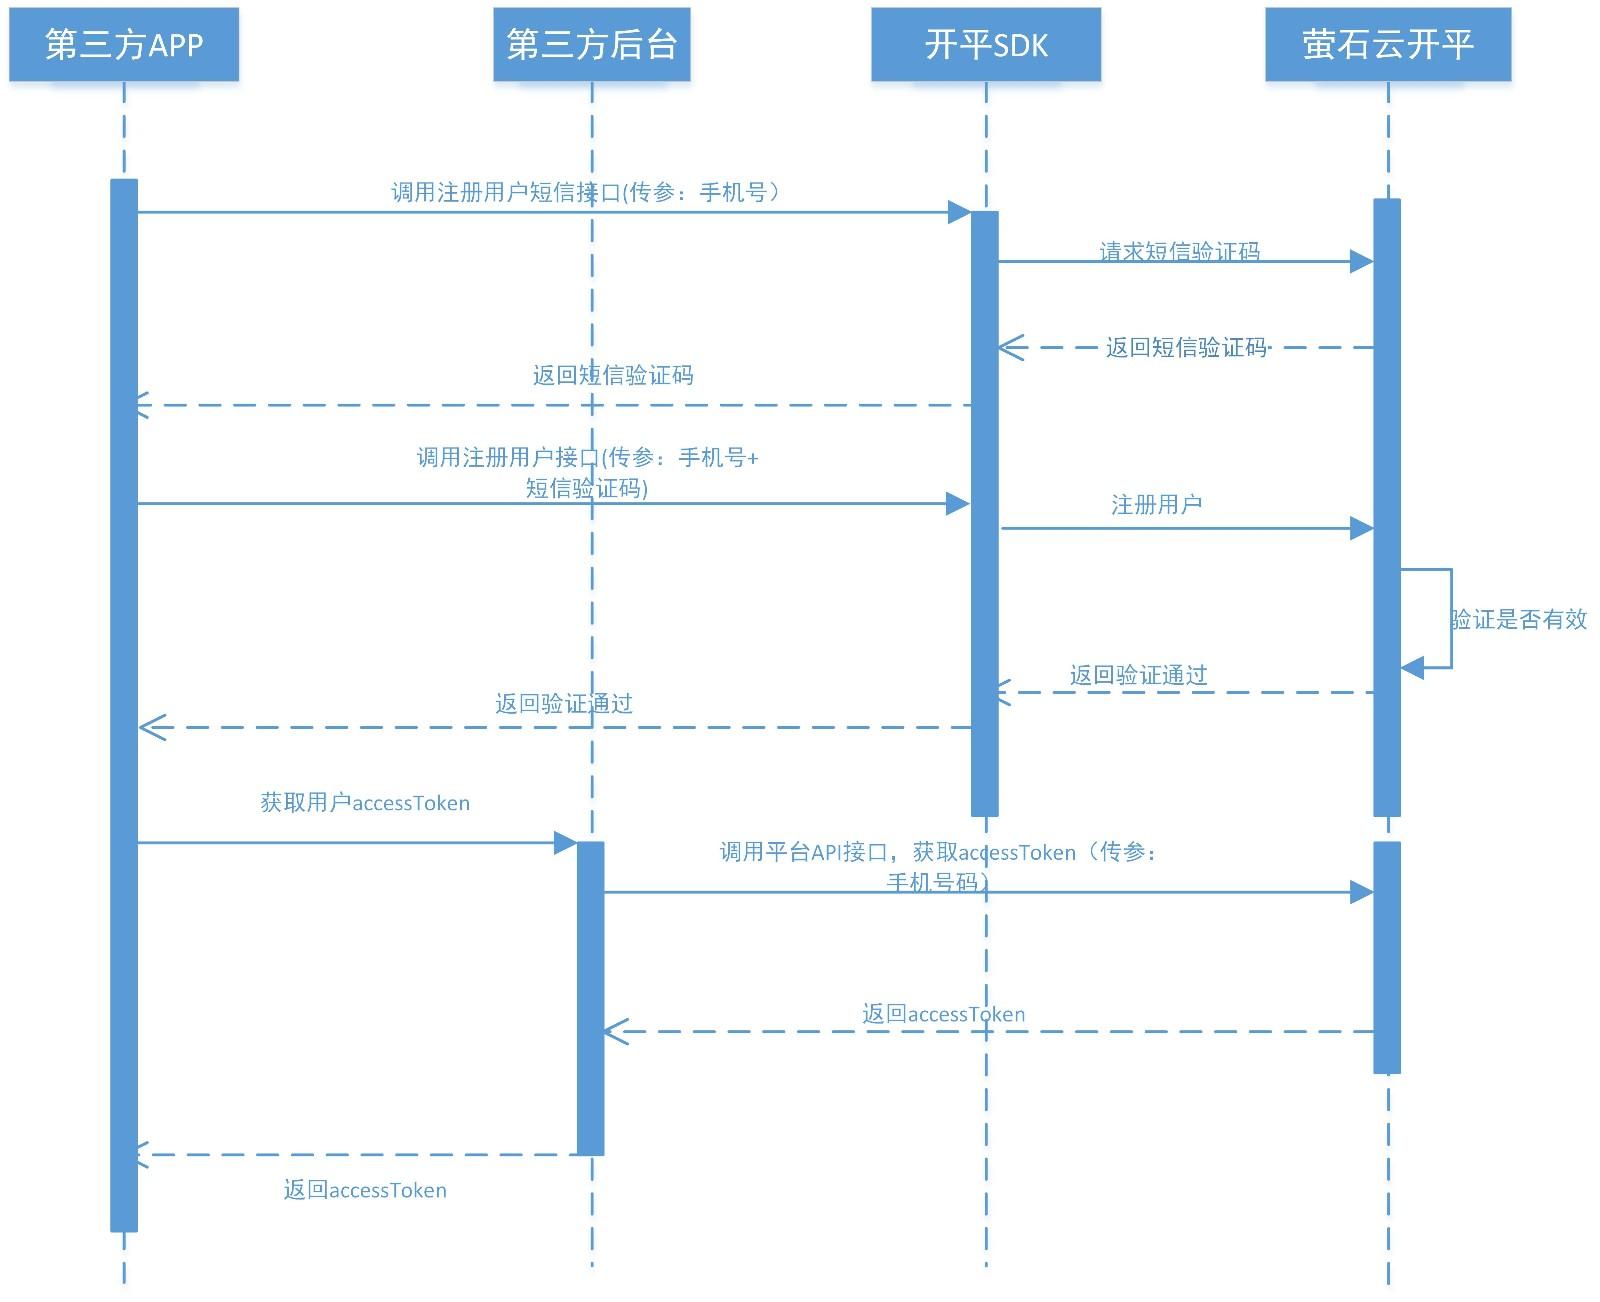 开放平台2.0(账户体系、认证体系改造,正对C用户模式).jpg